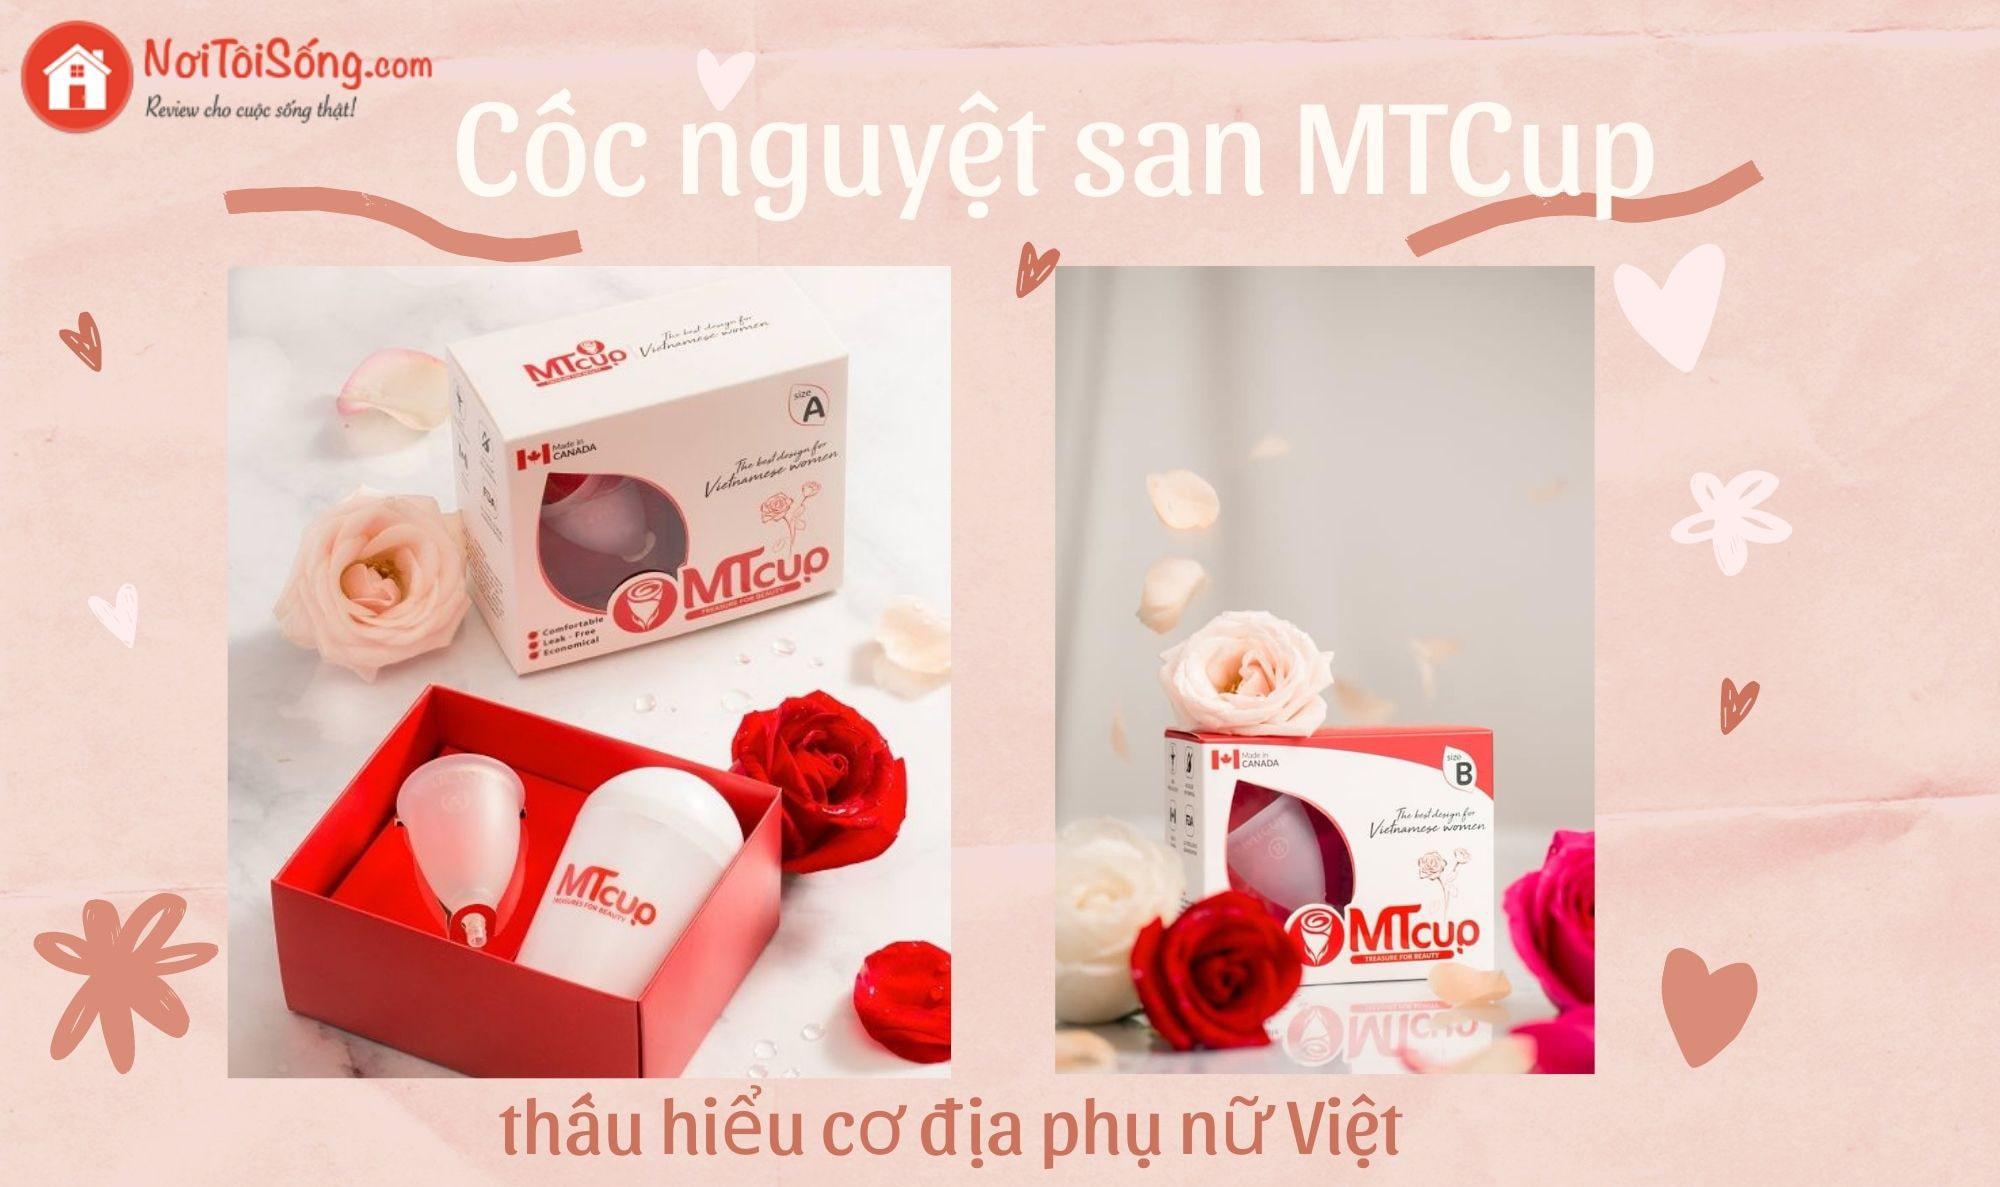 Cốc nguyệt san MTcup - Thấu hiểu cơ địa phụ nữ Việt